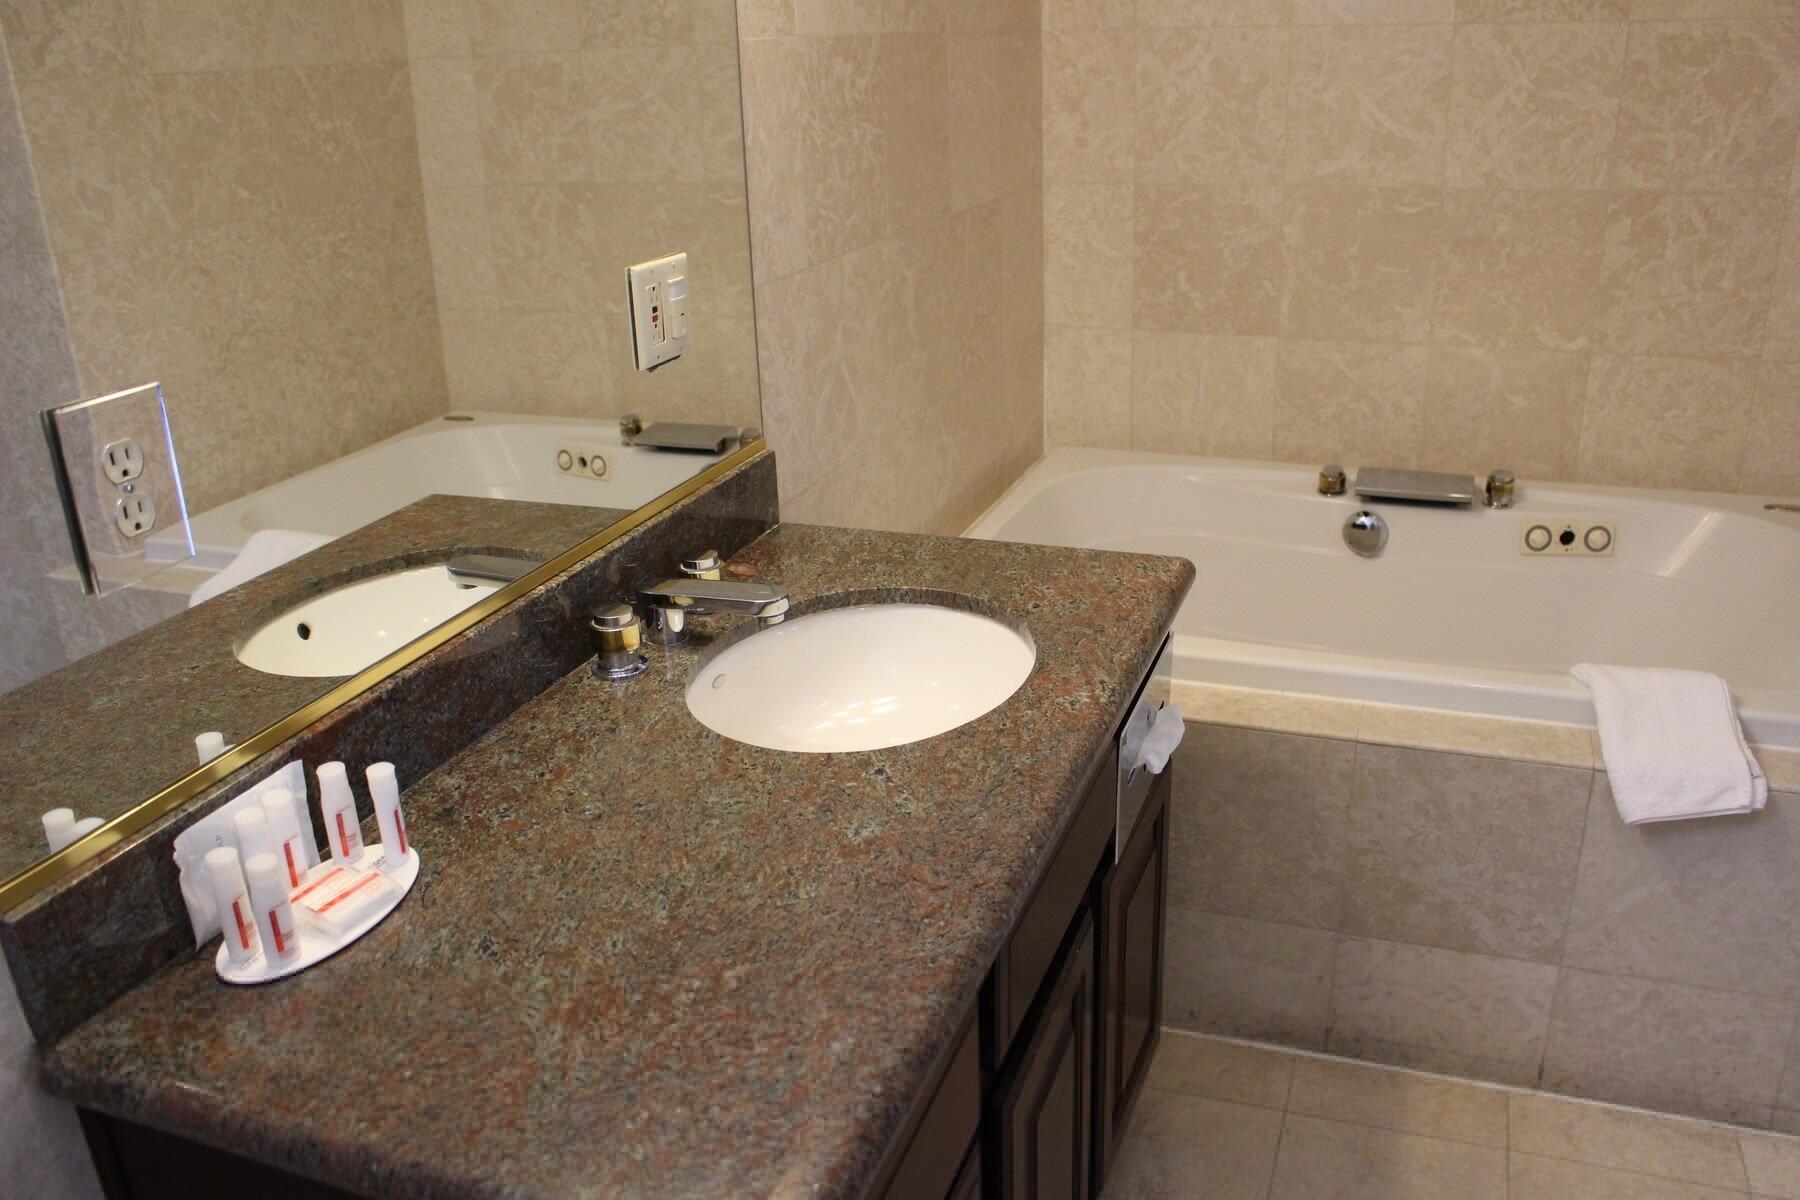 Large Bathtub & Vanity area